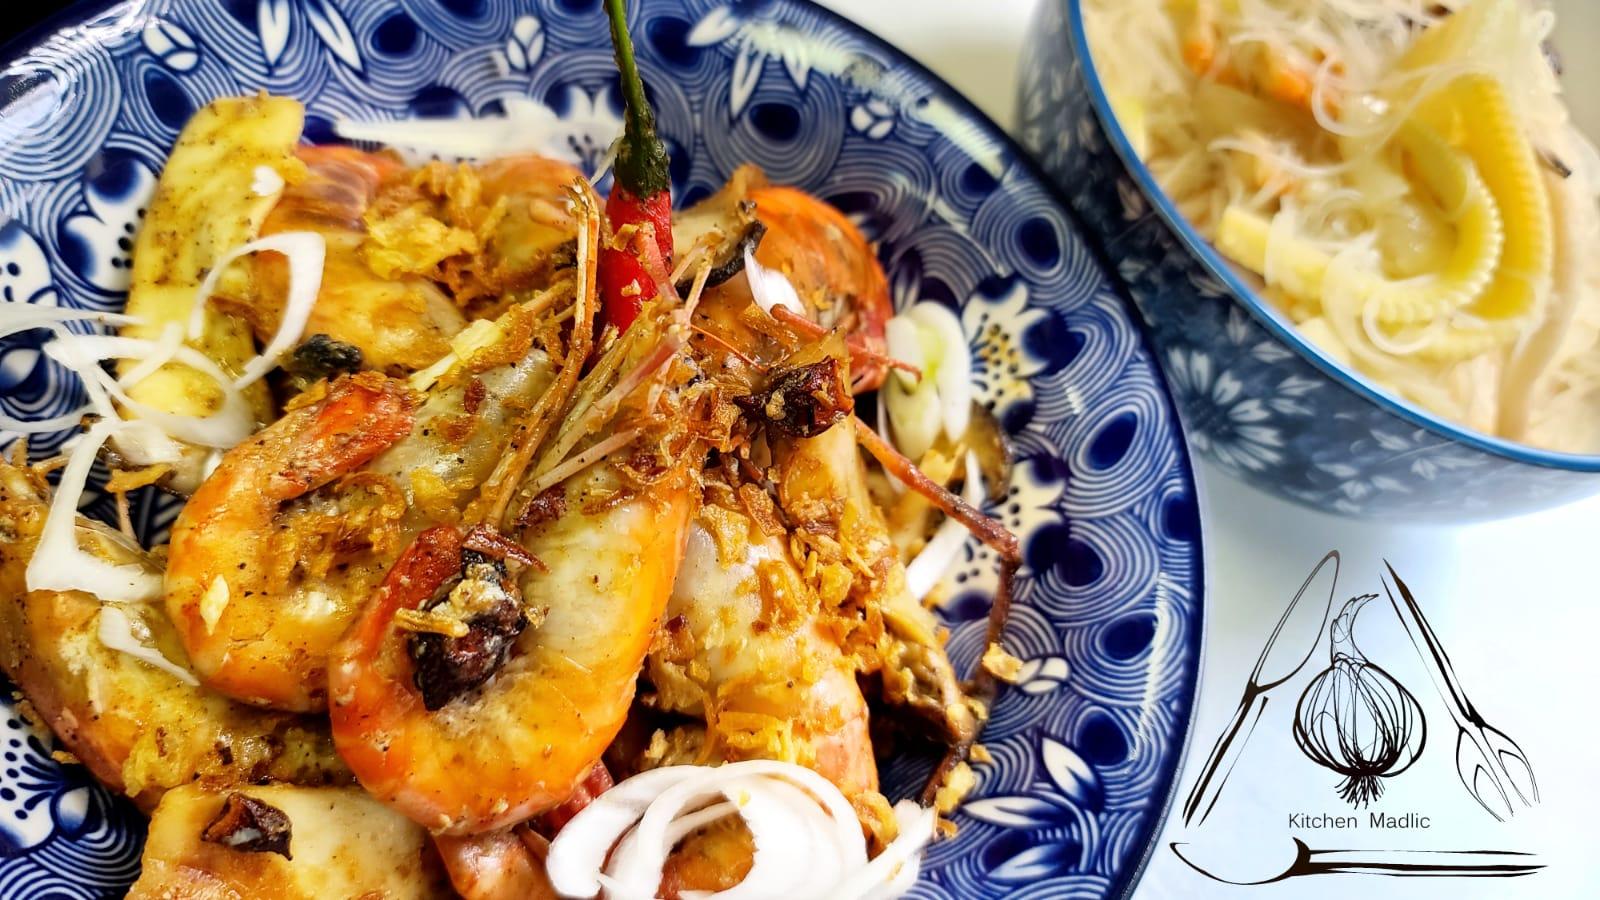 台式胡椒蝦配蝦乾節瓜湯米粉。(Kitchen Madlic提供)